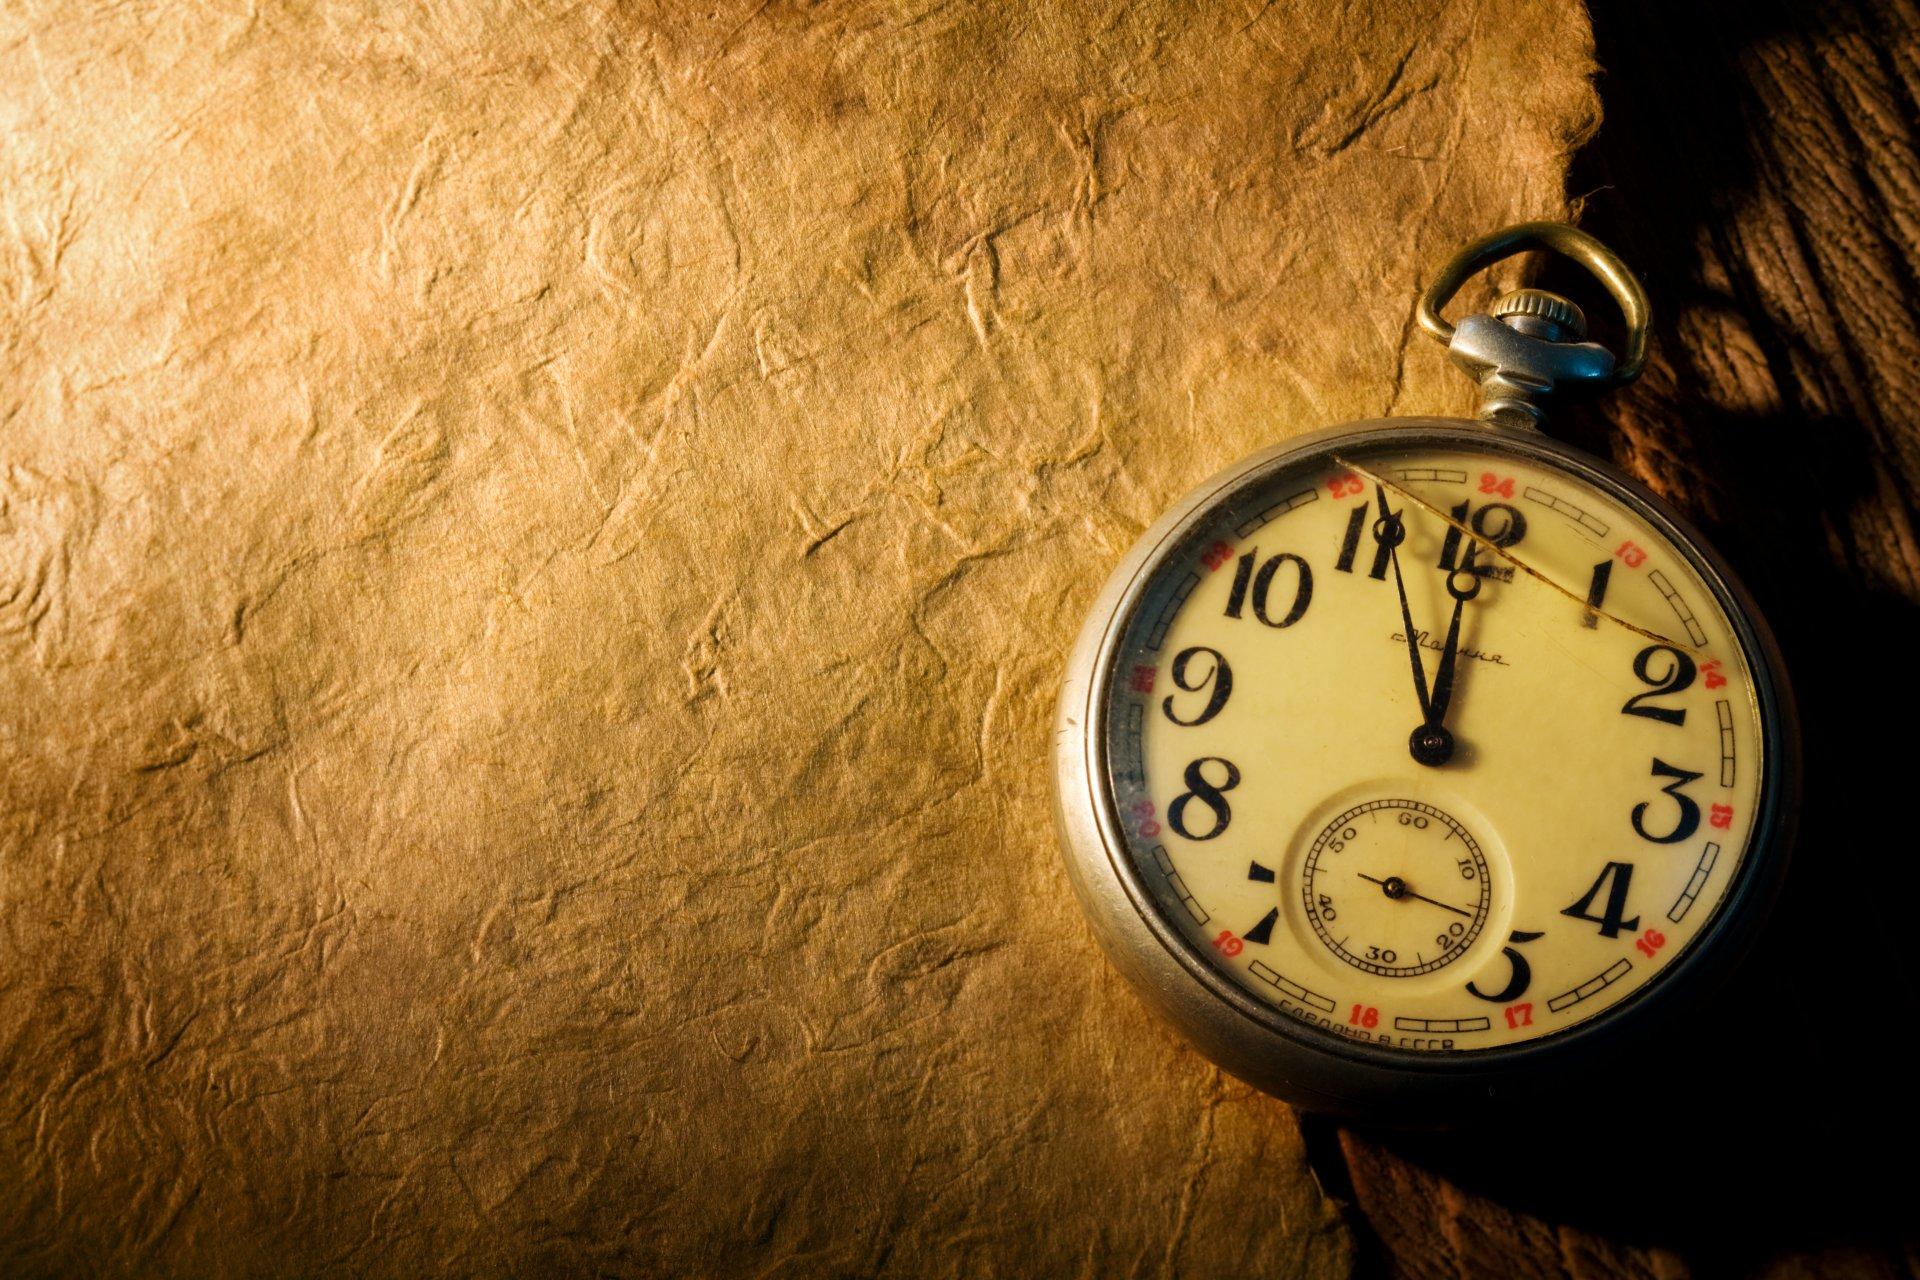 Если подаренные часы разбились, даритель поменял свое мнение о владельце презента.